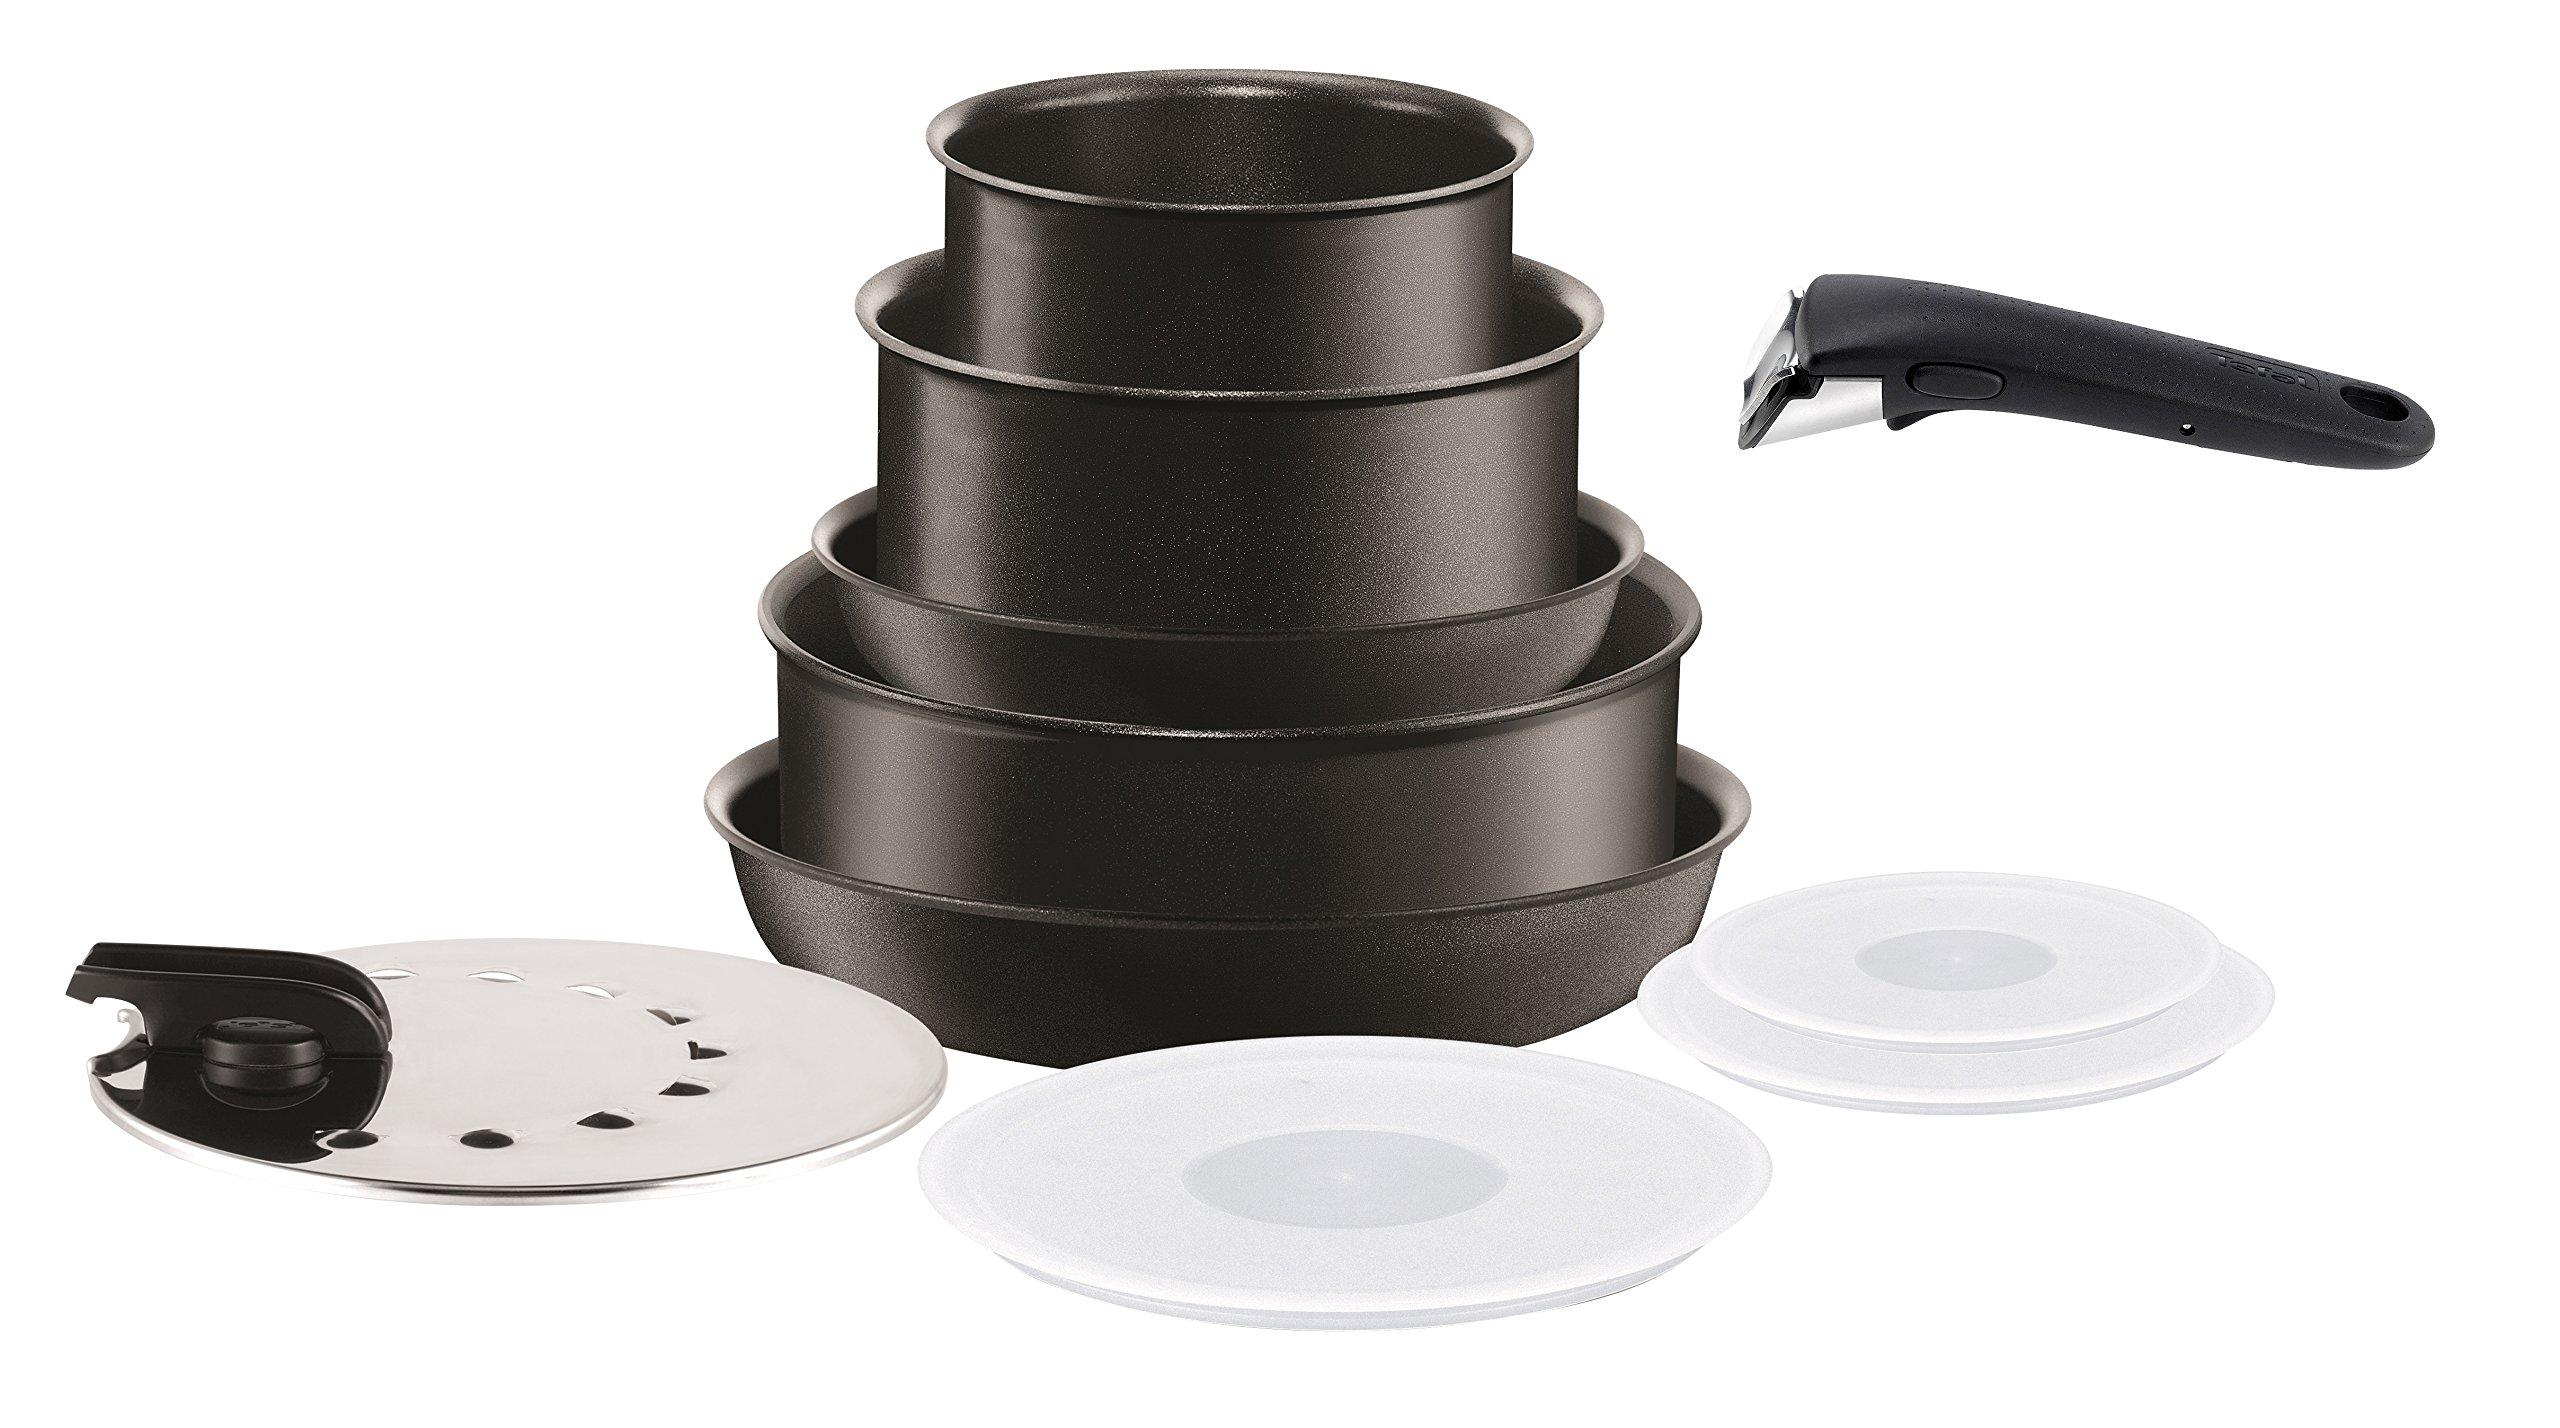 Tefal L6549603 Set de poêles et casseroles - Ingenio 5 Performance Noir 10 Pièces - Tous feux dont induction product image